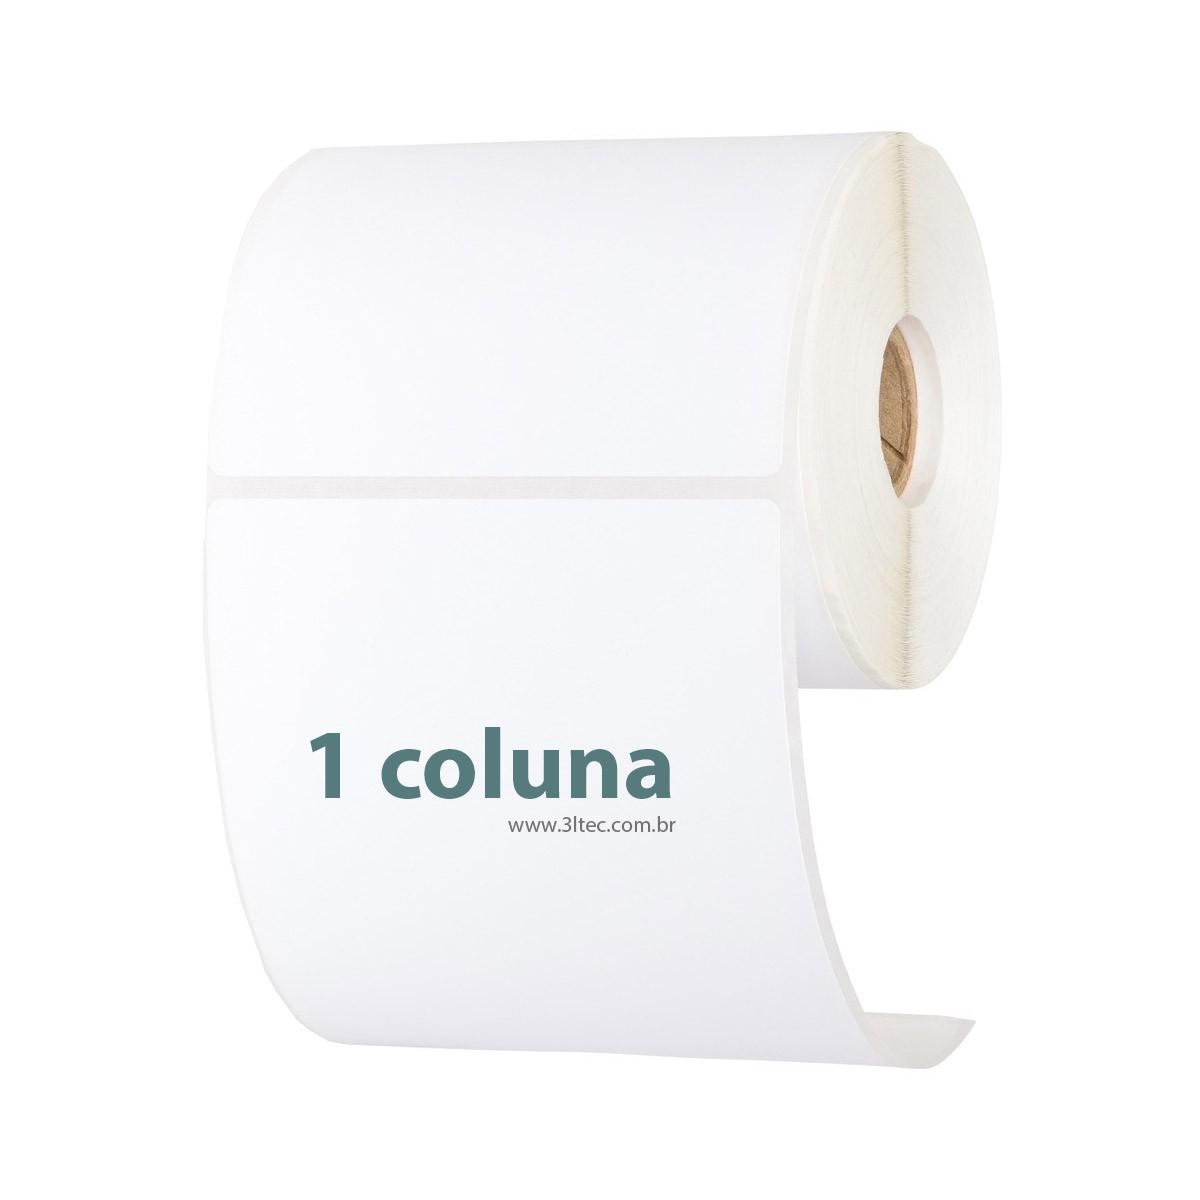 Etiquetas Adesivas - Rolo de 40 metros - 1 coluna